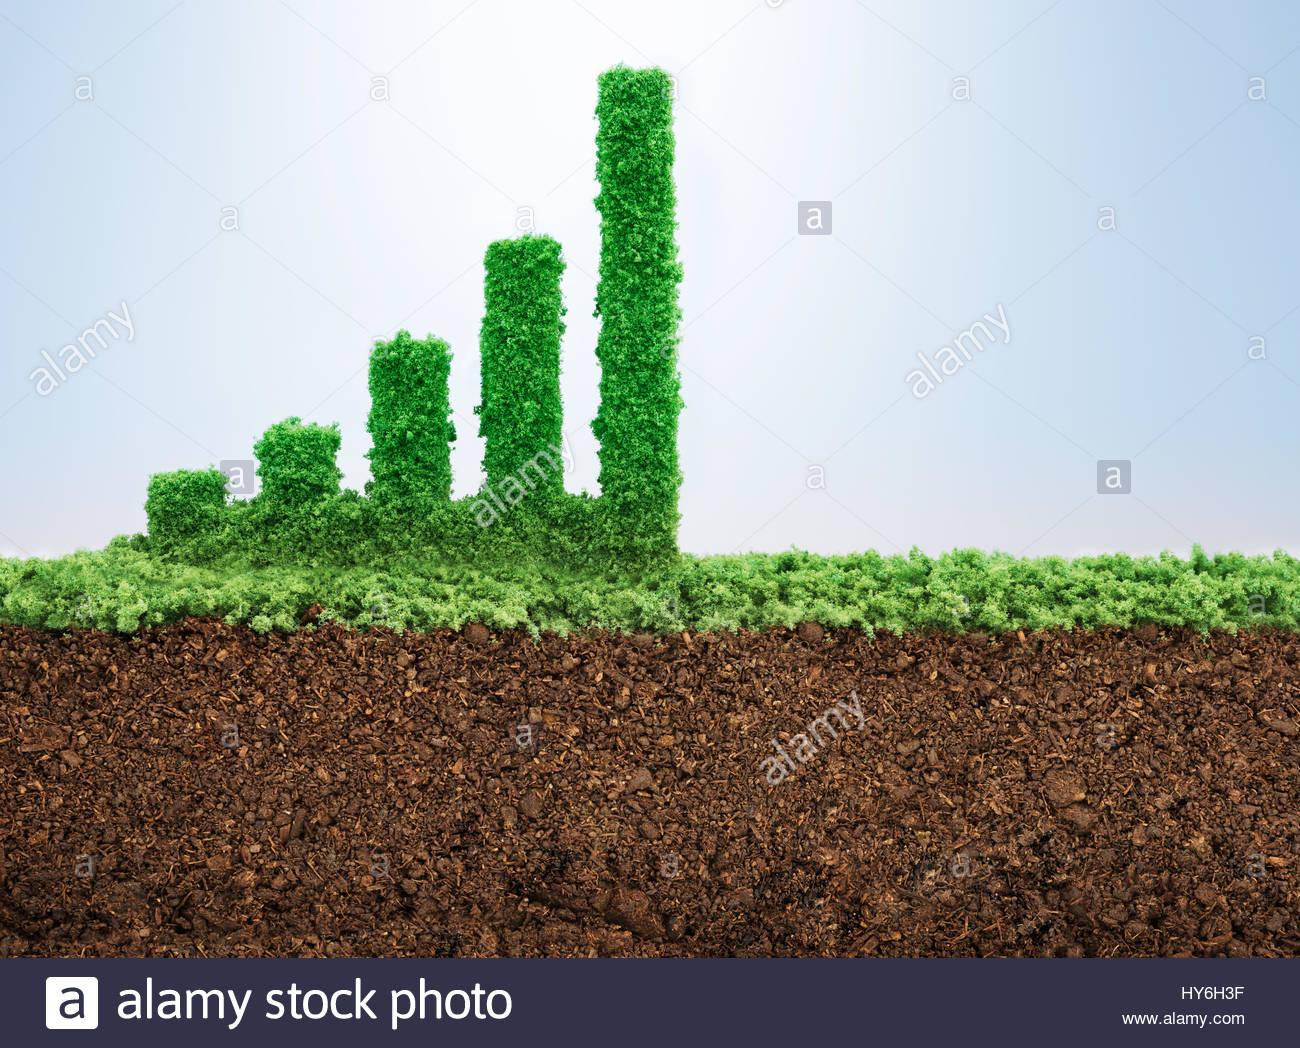 Concepto de crecimiento empresarial con césped que crece en forma de gráfico de barras Imagen De Stock